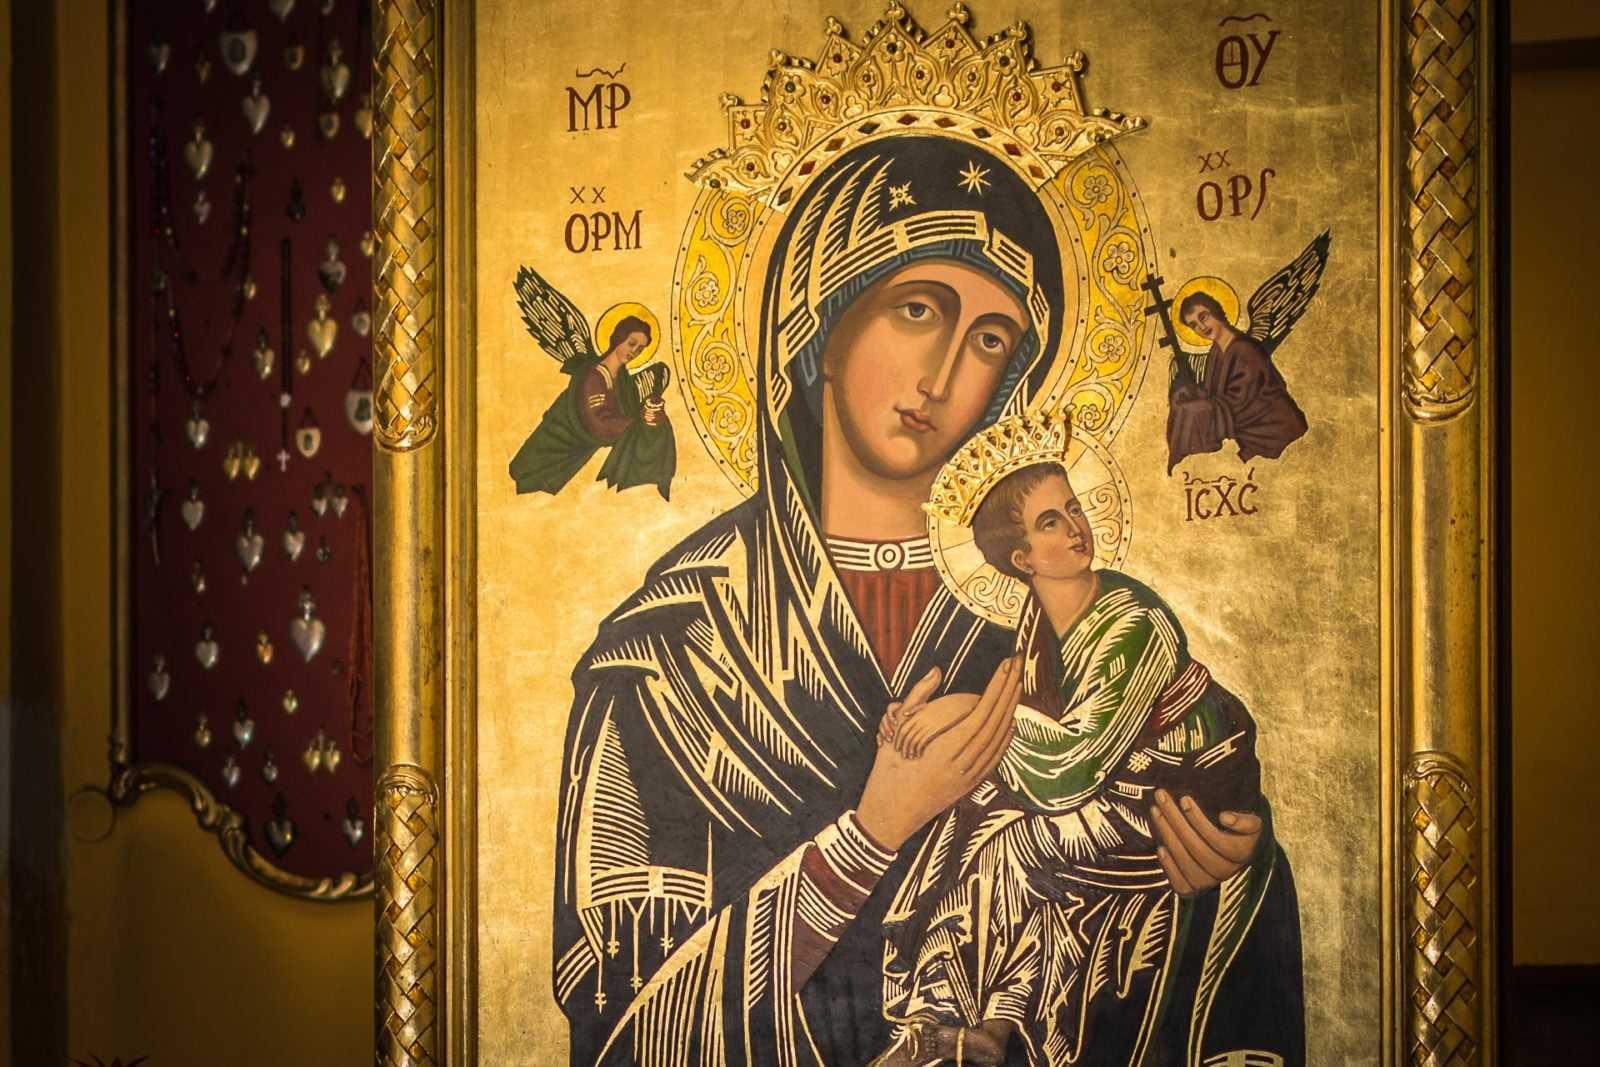 Obraz Matki Bożej Nieustającej Pomocy w kościele św. Mikołaja w Krobi